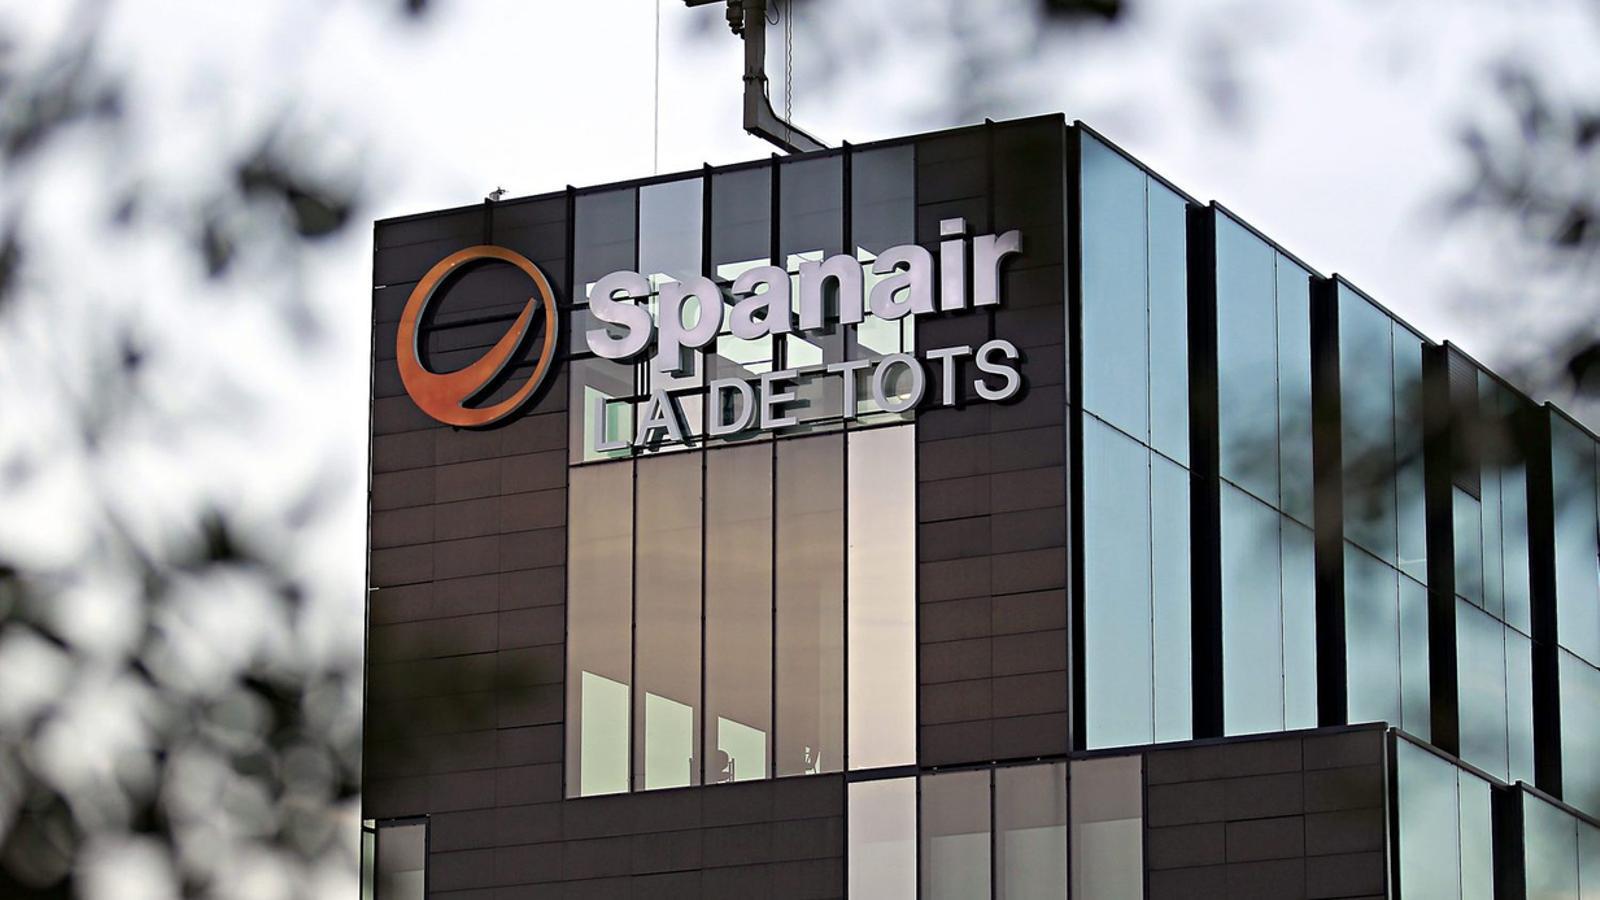 Spanair va fer fallida el 2012, tres anys després de l'entrada de capital català a l'aerolínia.